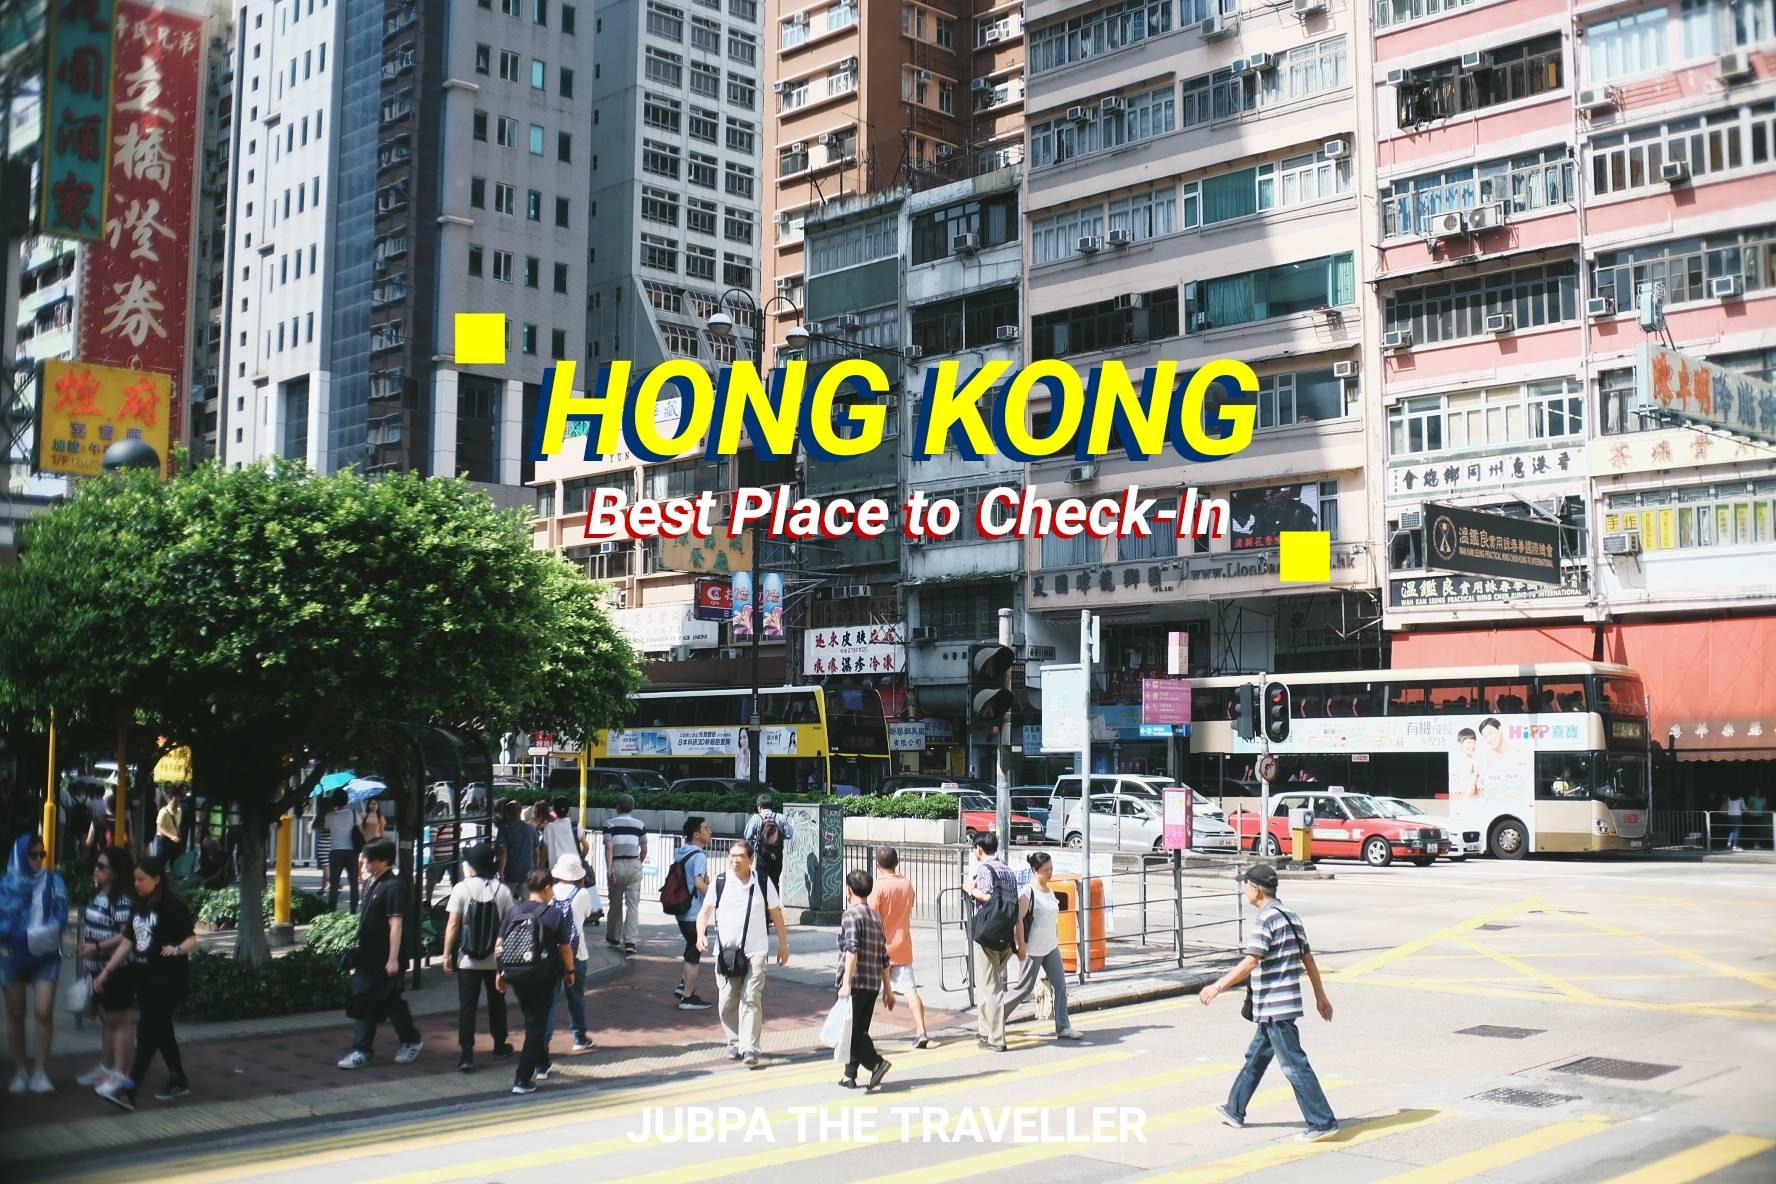 เที่ยวฮ่องกง ที่เที่ยวฮ่องกง เที่ยวเกาลูน ฮ่องกง ที่เที่ยว